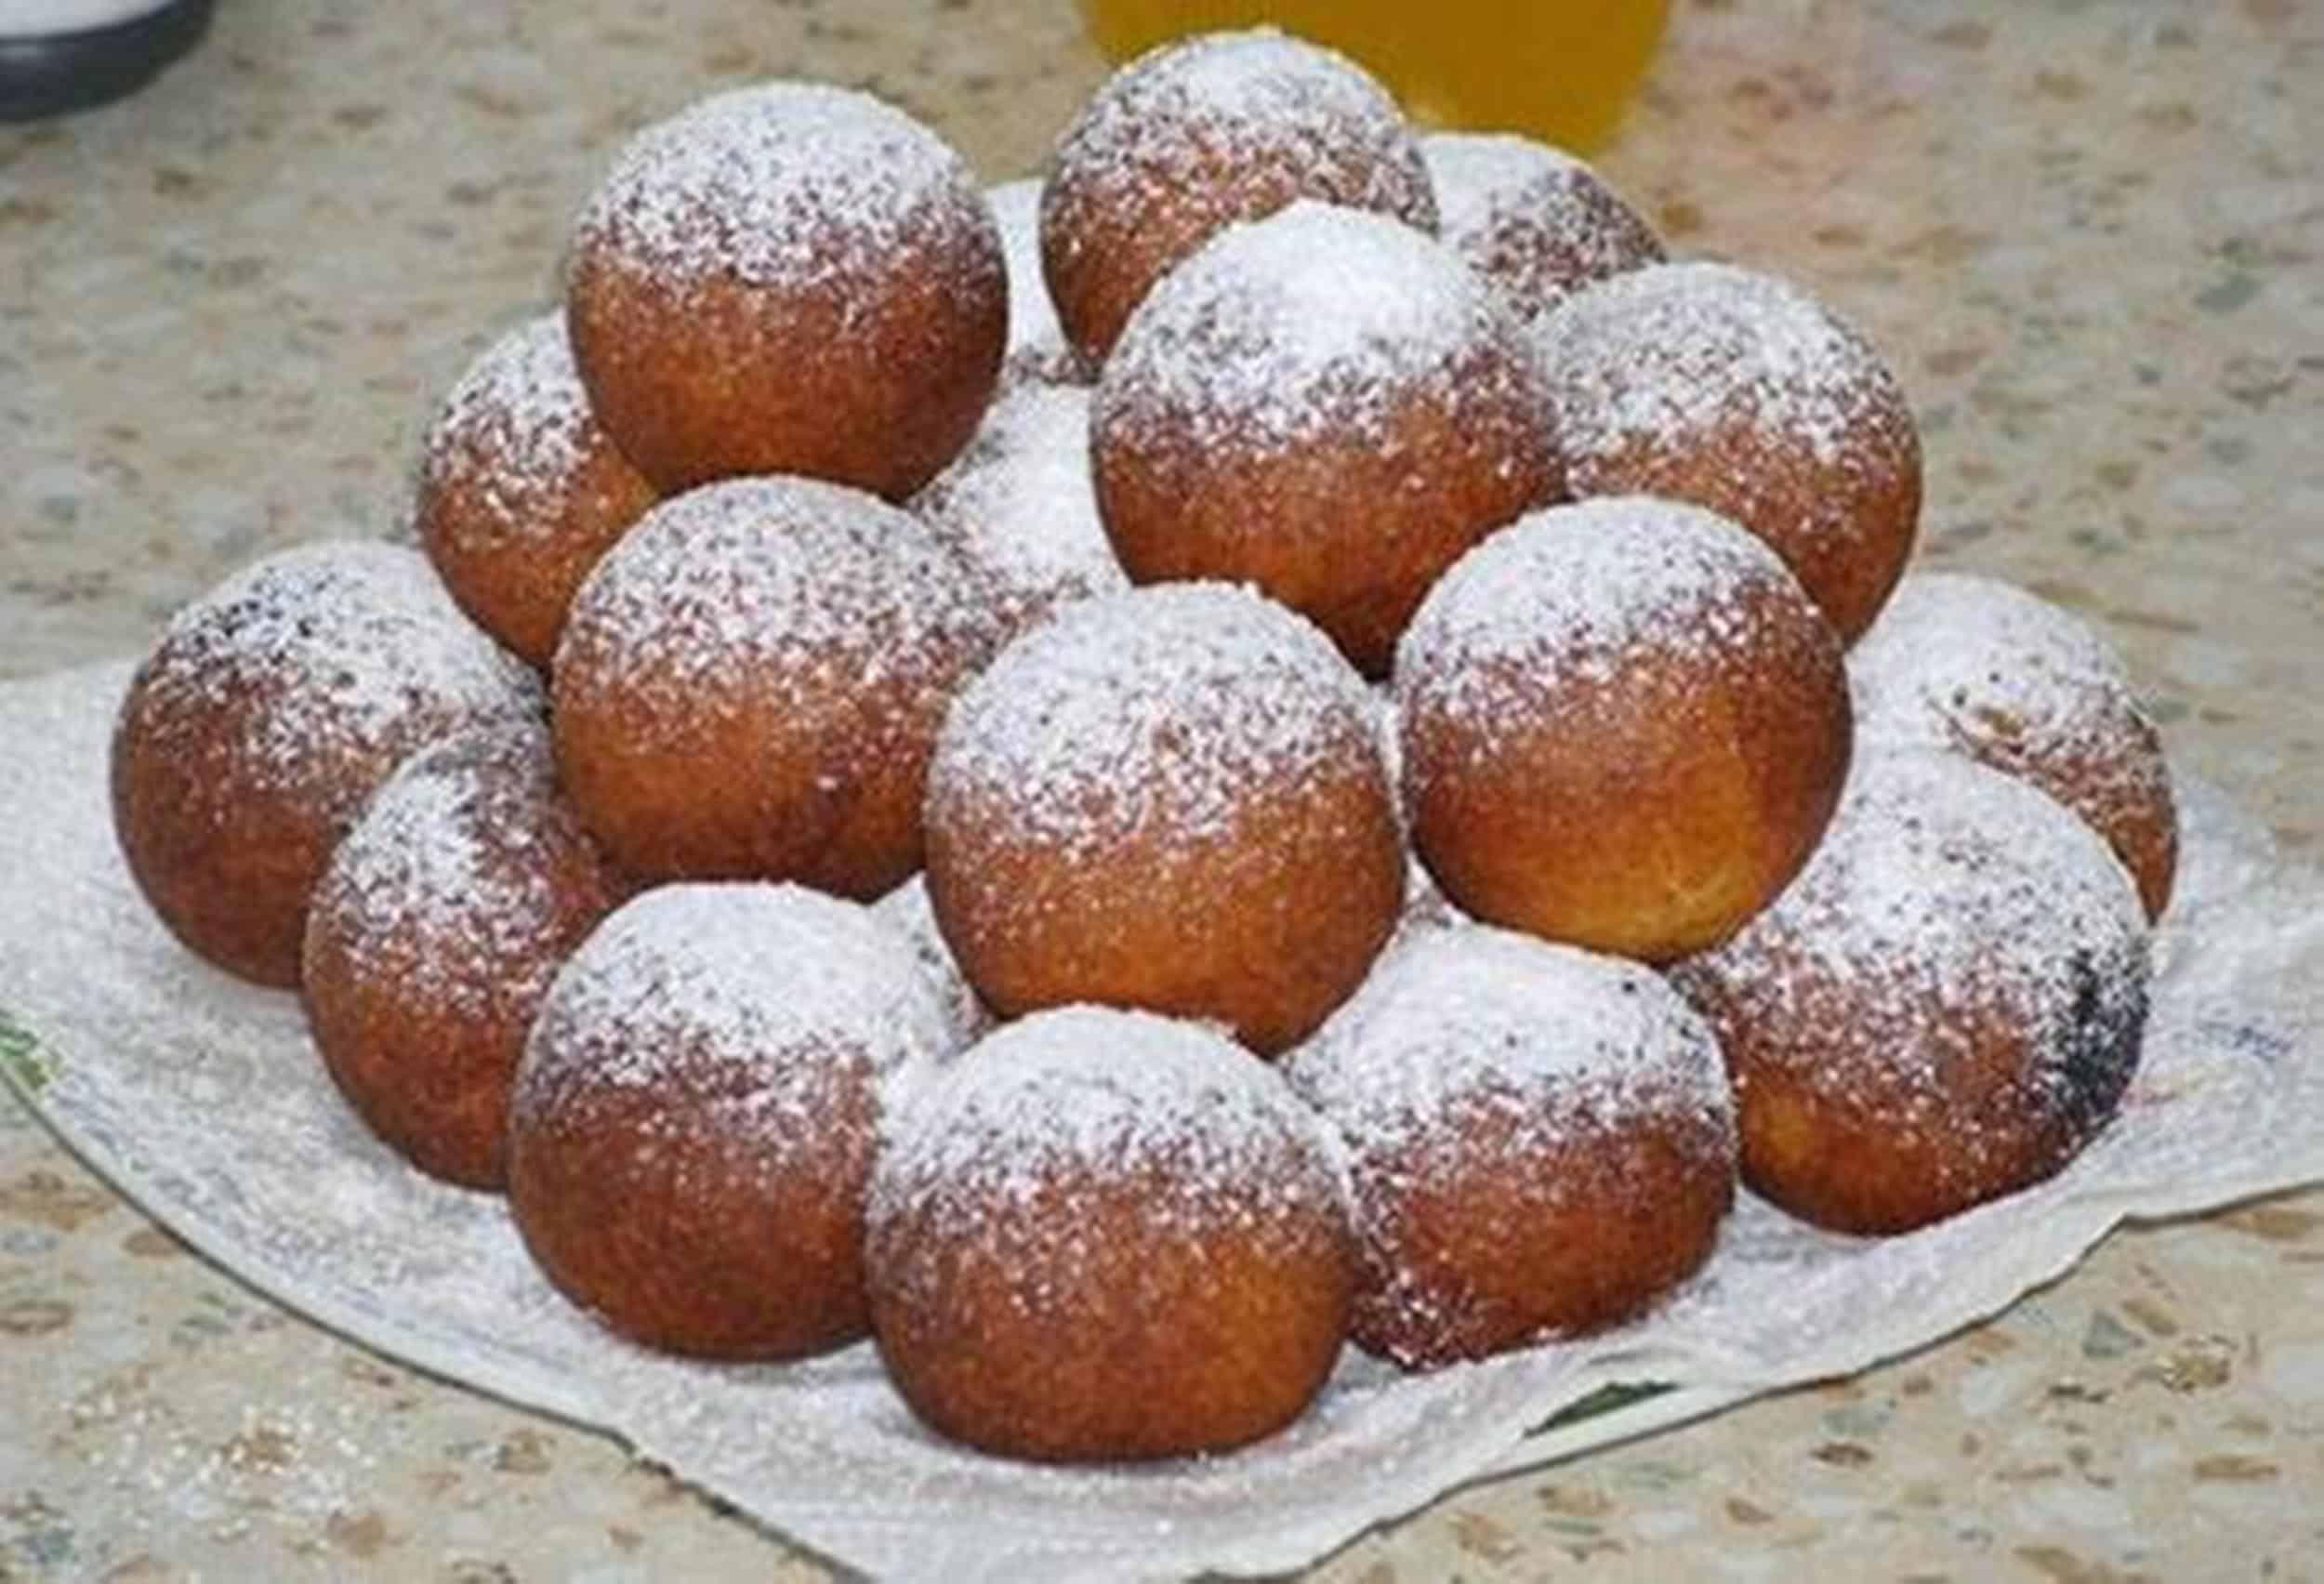 творожные пончики во фритюре пошаговый фото-рецепт